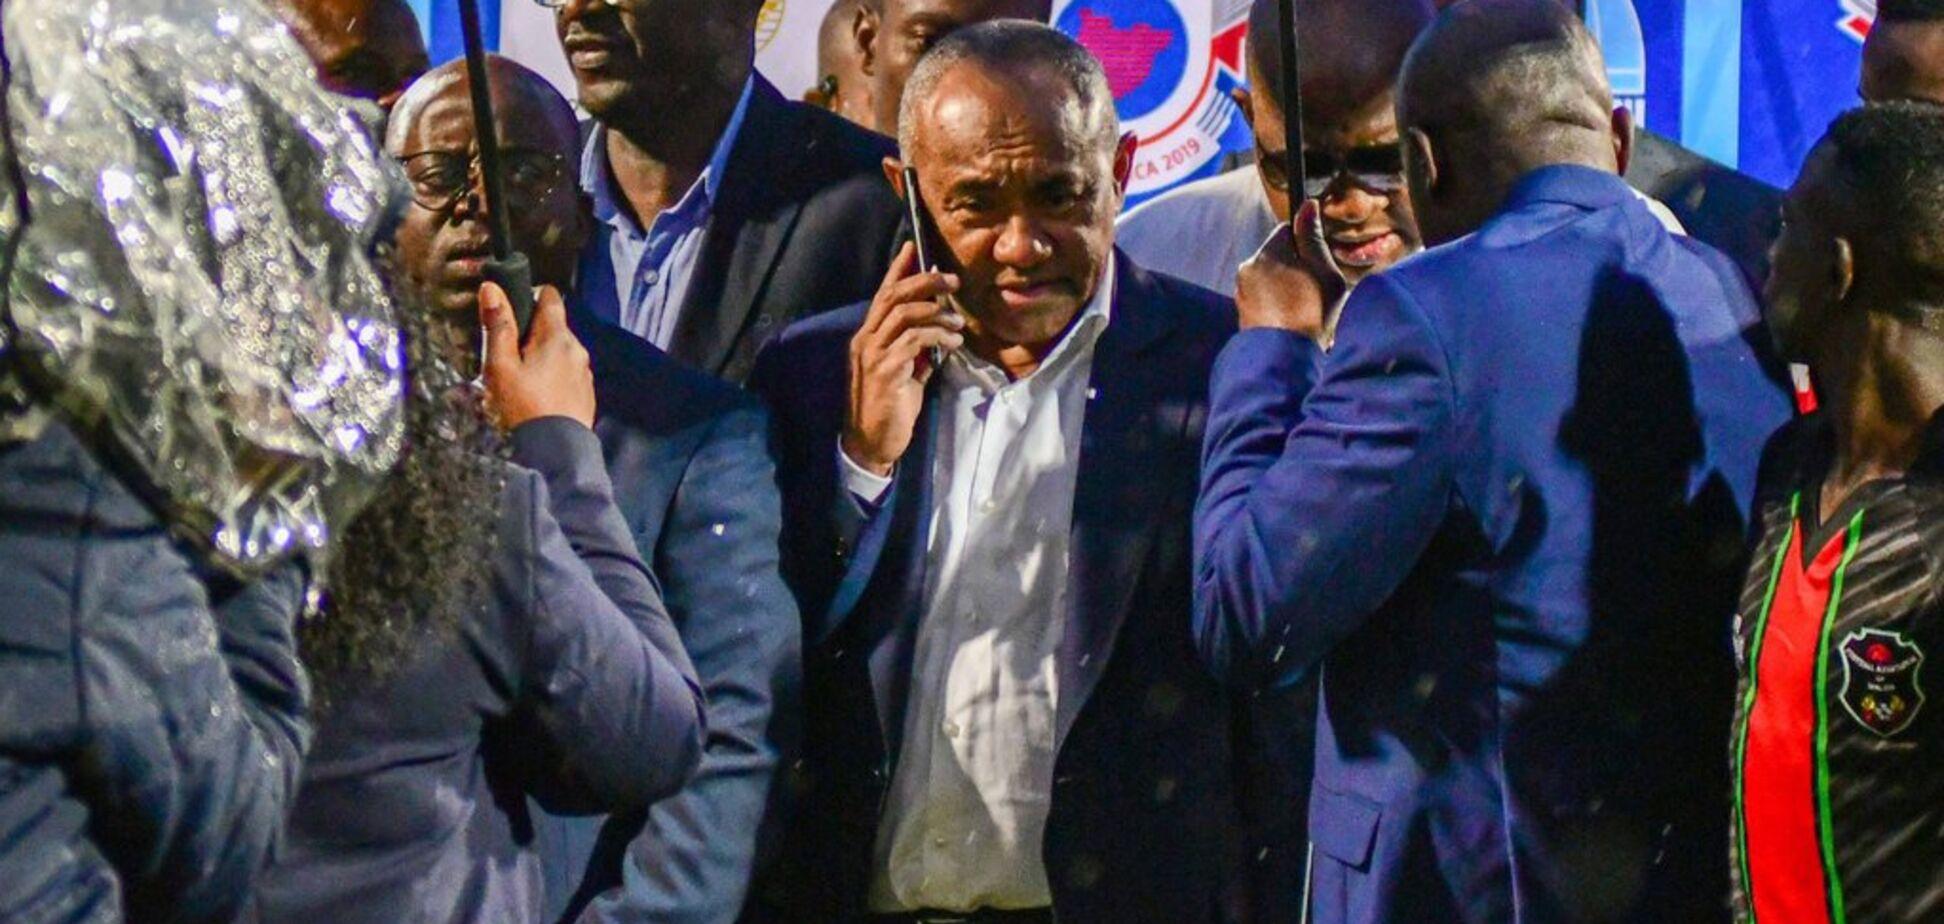 Арестован вице-президент ФИФА: что случилось